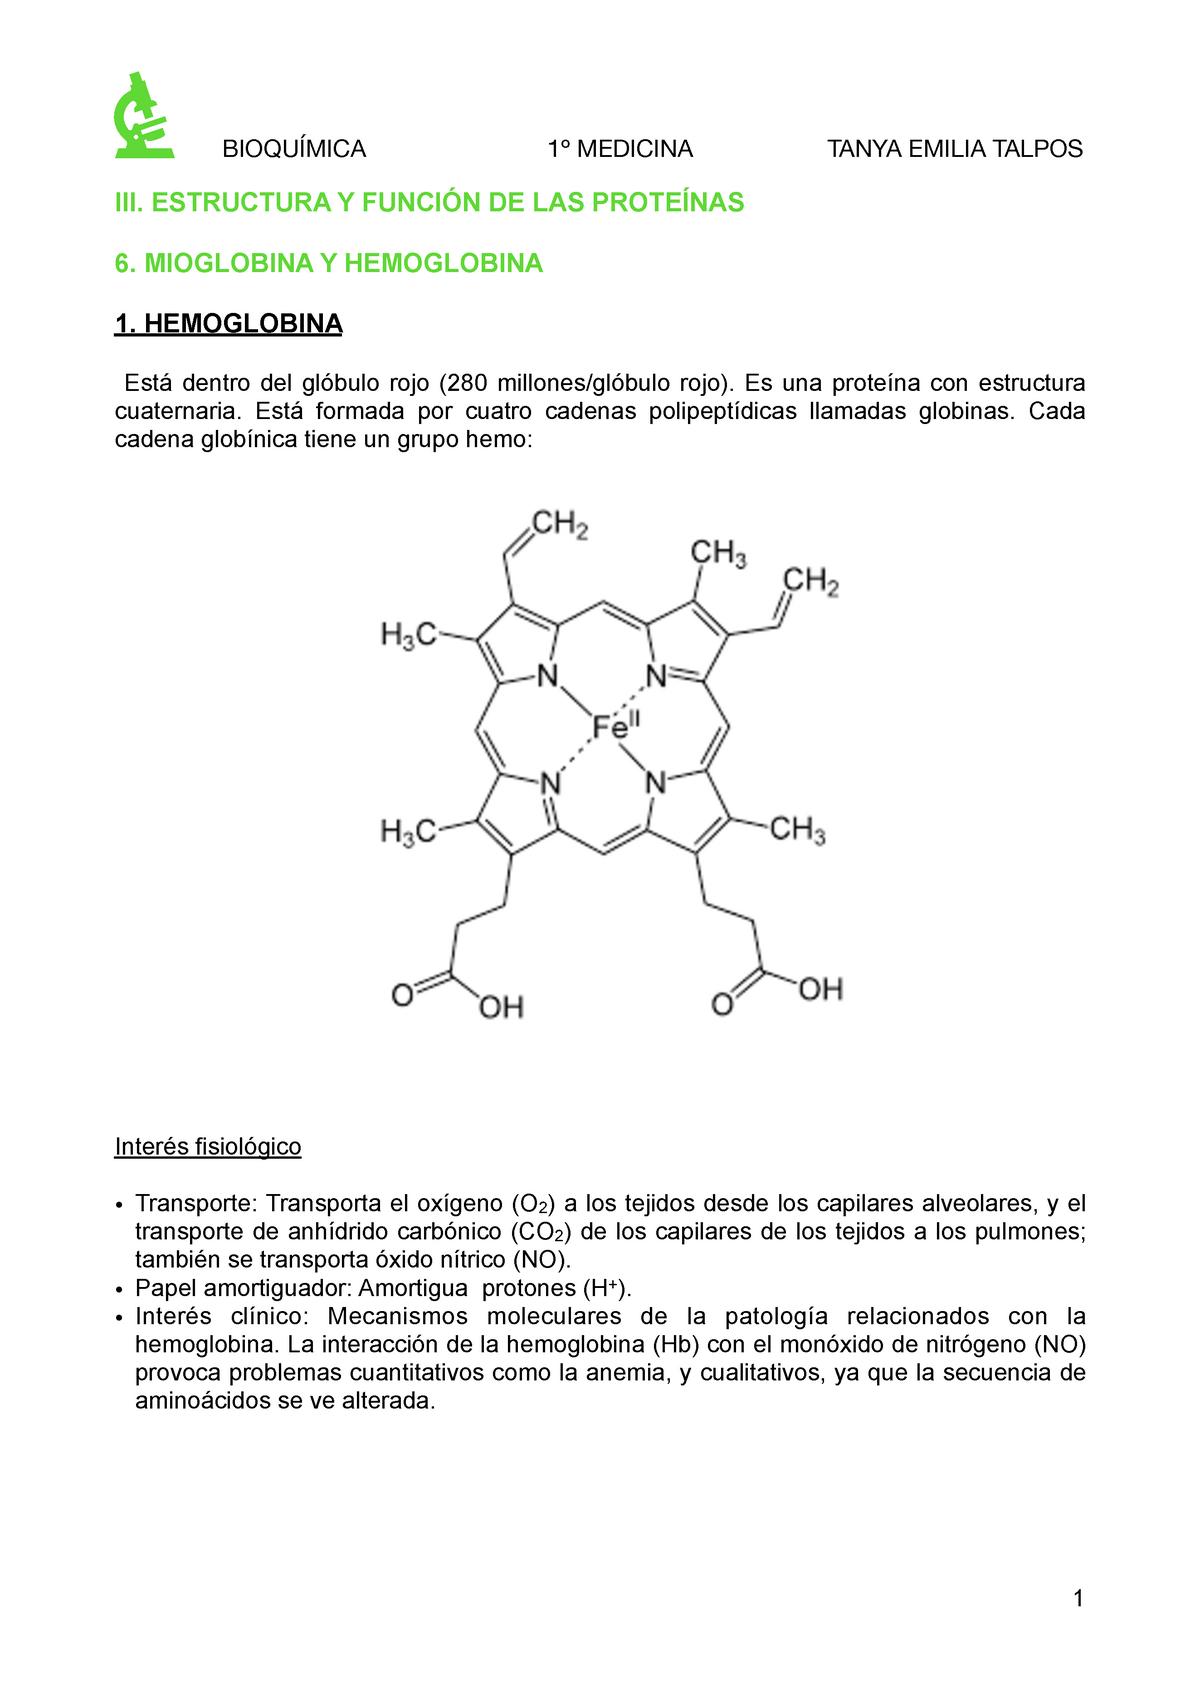 Hemoglobina Y Mioglobina Bioquímica 215002 Uah Studocu